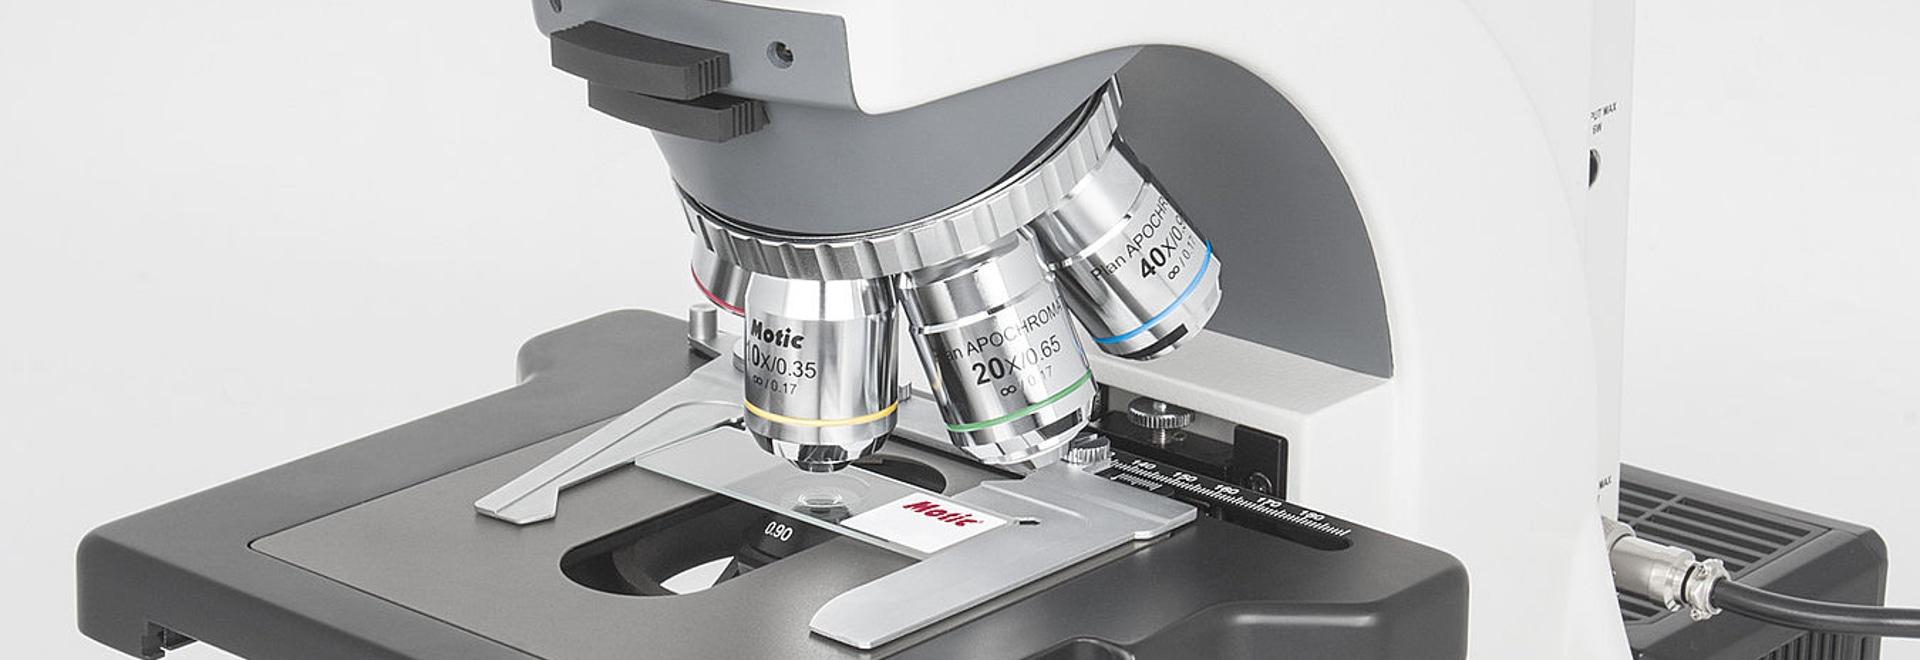 Los microscopios de Motic lanzan el BA410E nuevo para los usos biomédicos